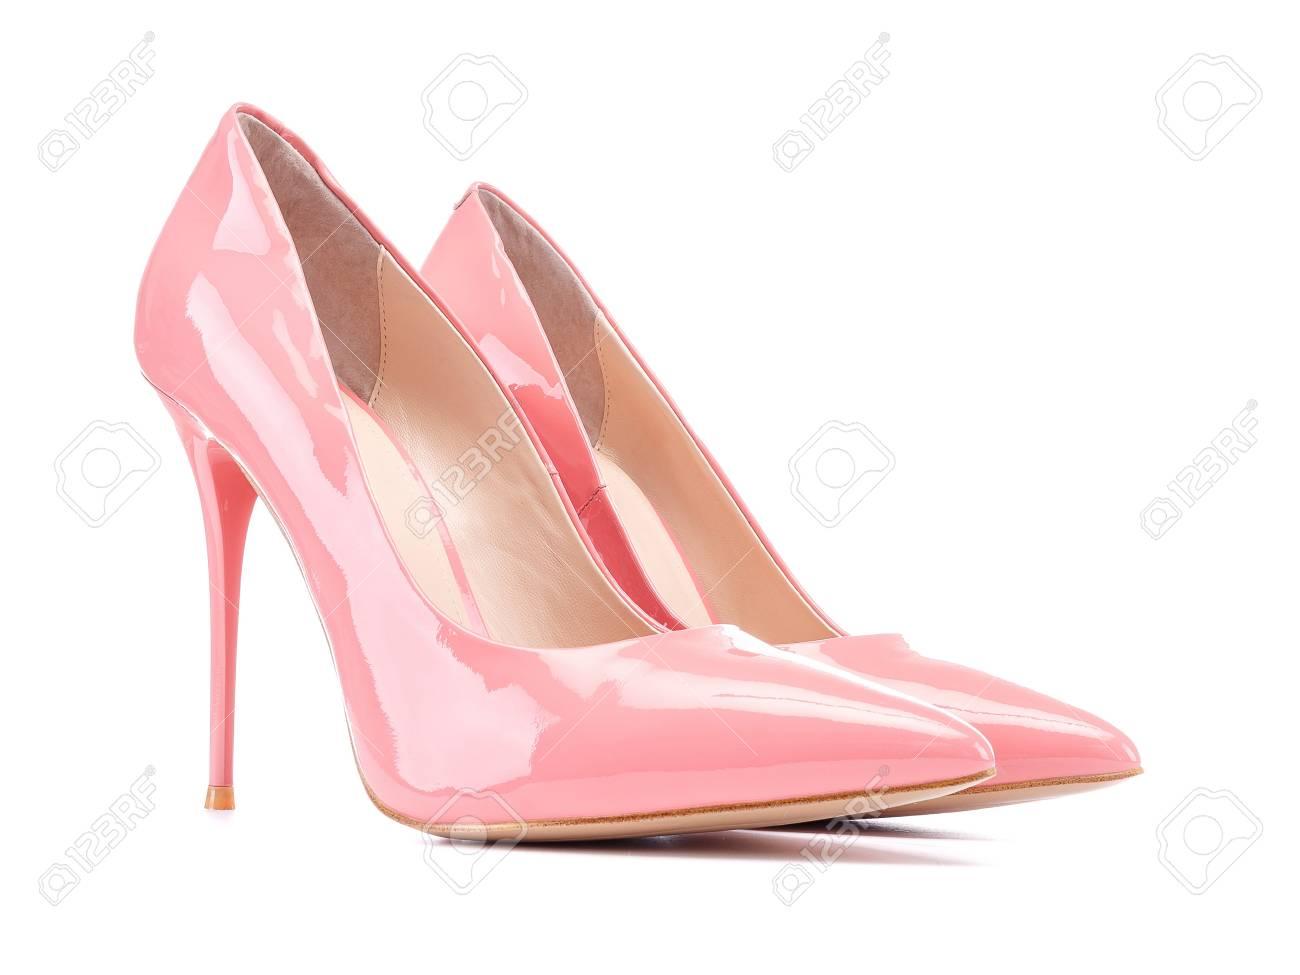 Pastel Pink Patent High Heel Women